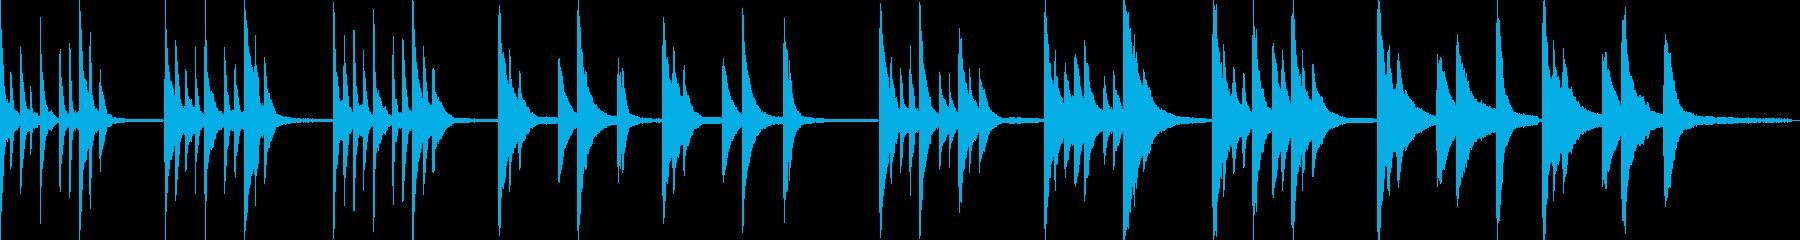 静かなピアノアンビエントの再生済みの波形